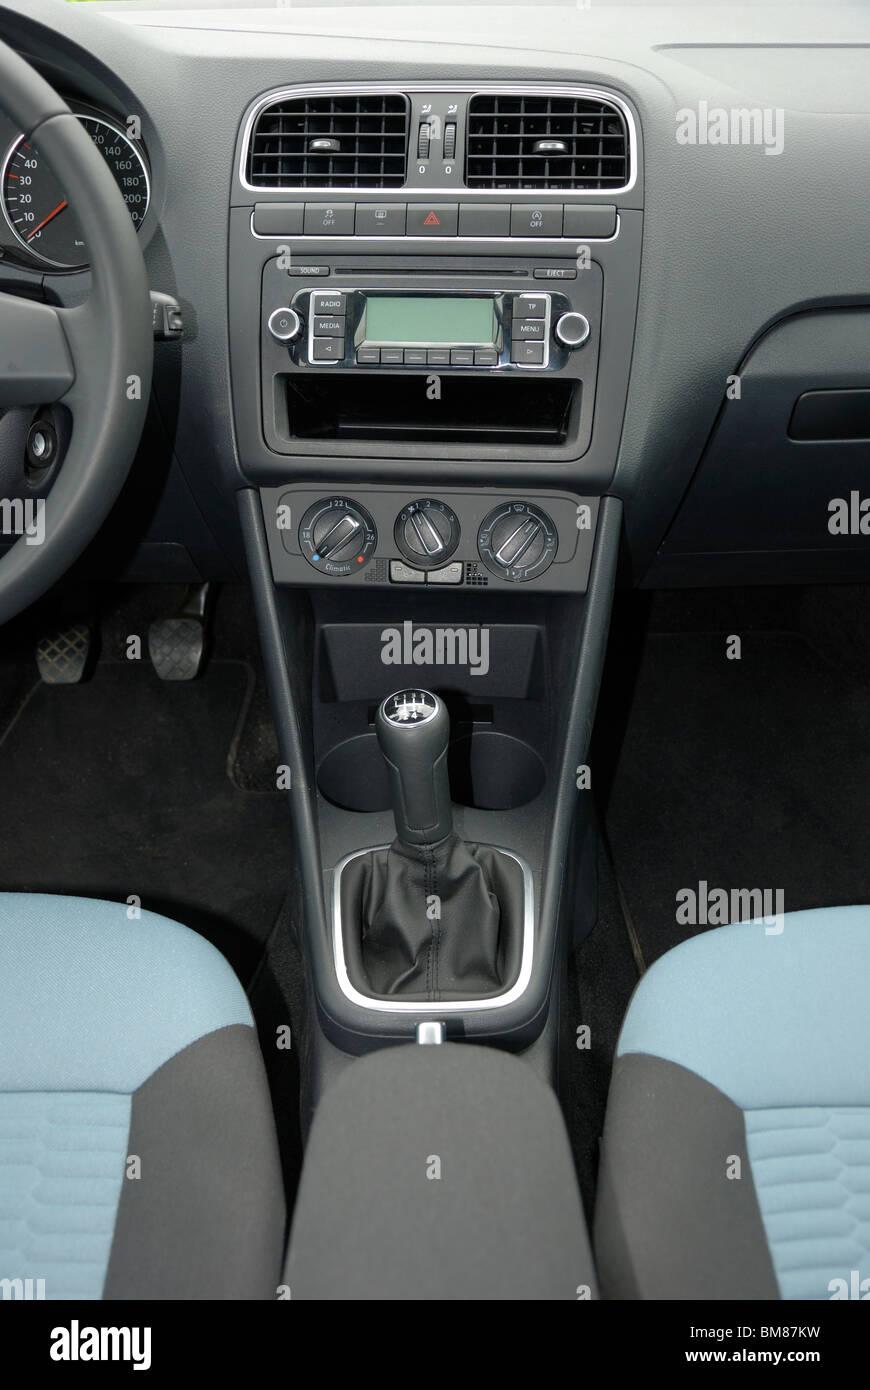 Polo 1,2 TDI BlueMotion - mein 2010 - Deutsche Kleinwagen Stadtauto ...